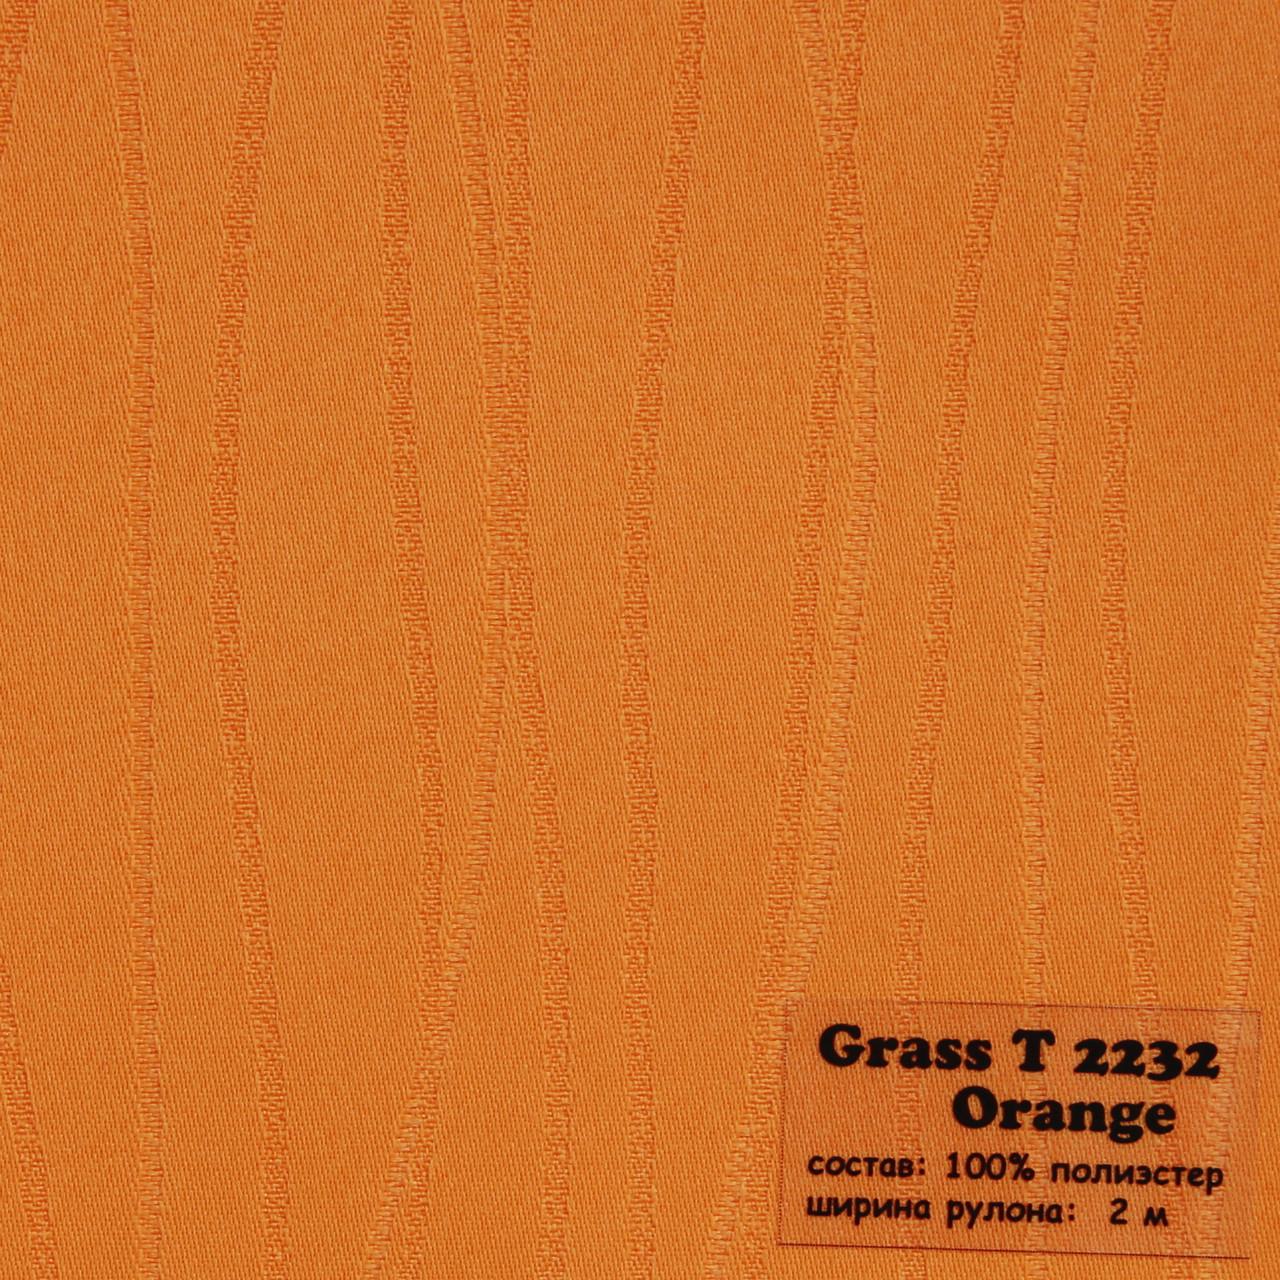 Рулонні штори Тканина Grass Помаранчевий 2232